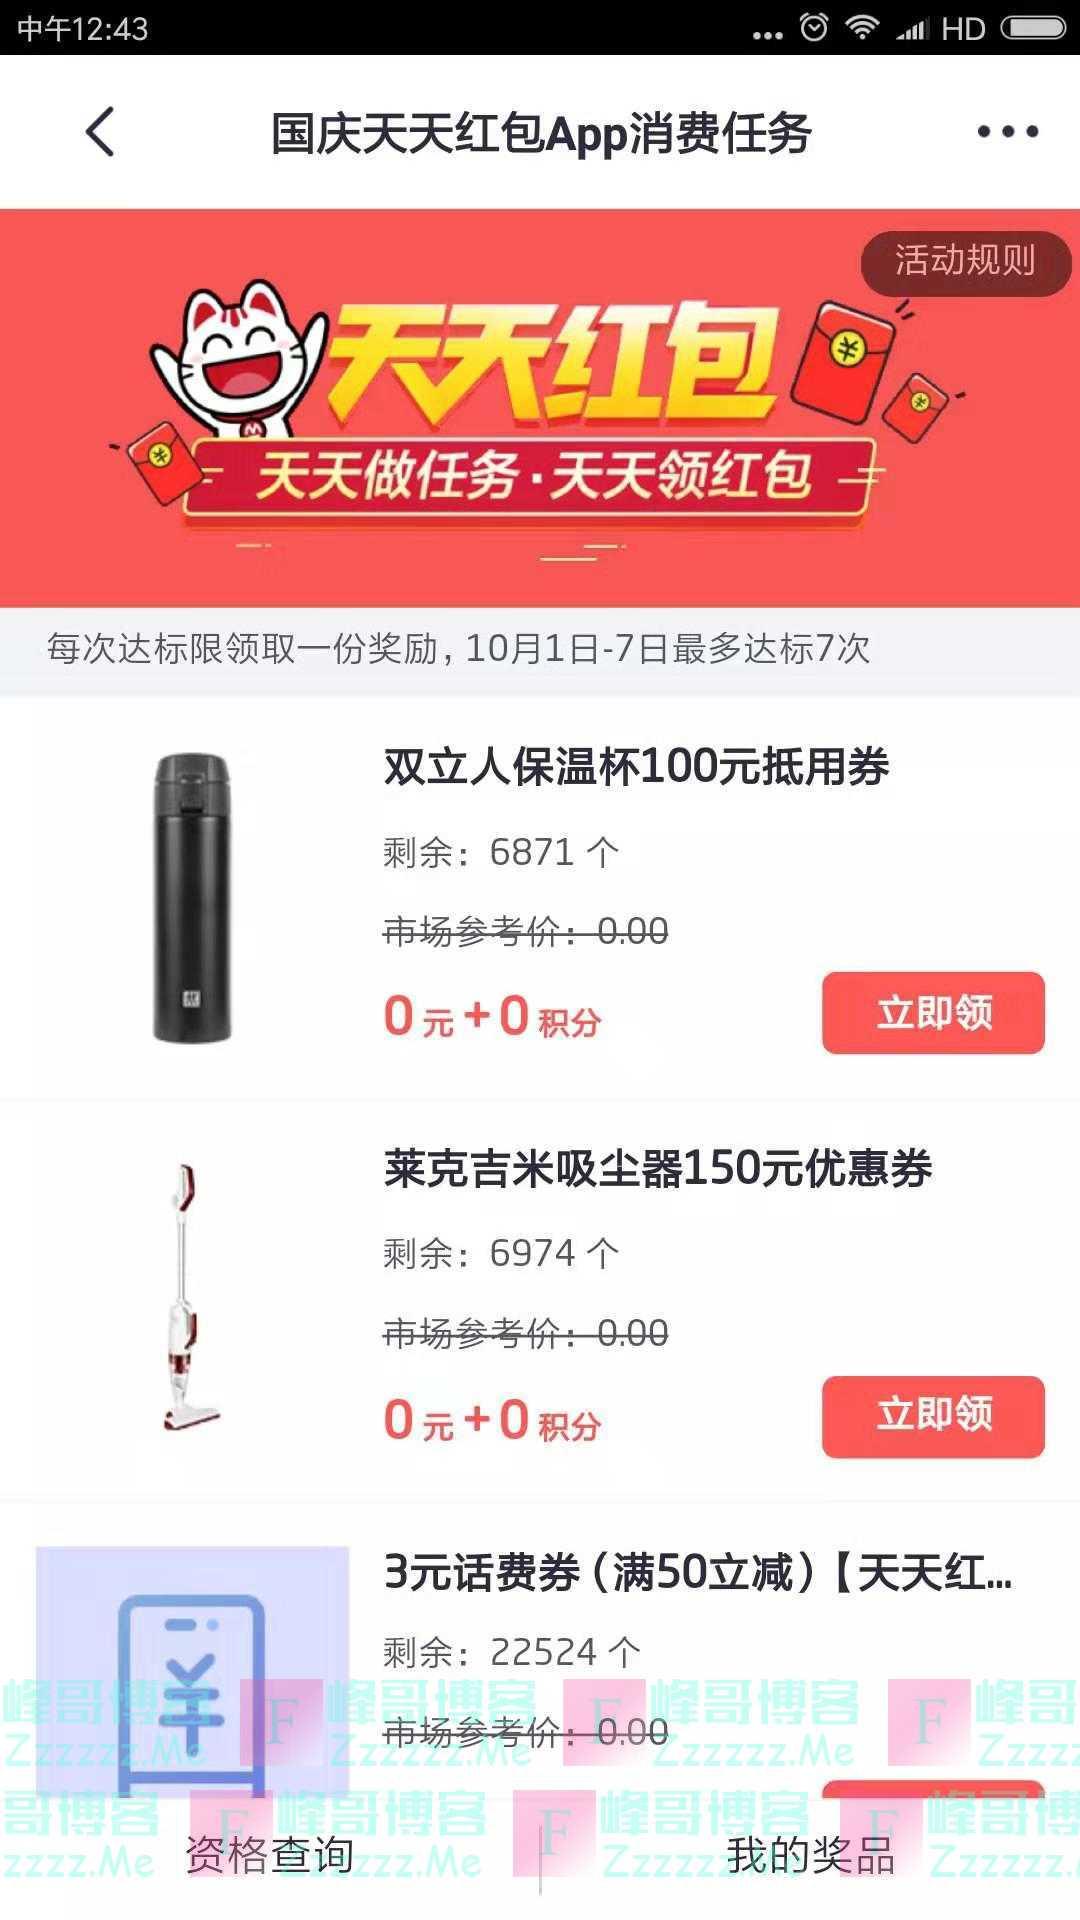 掌上生活国庆天天红包app消费任务(截止10月7日)